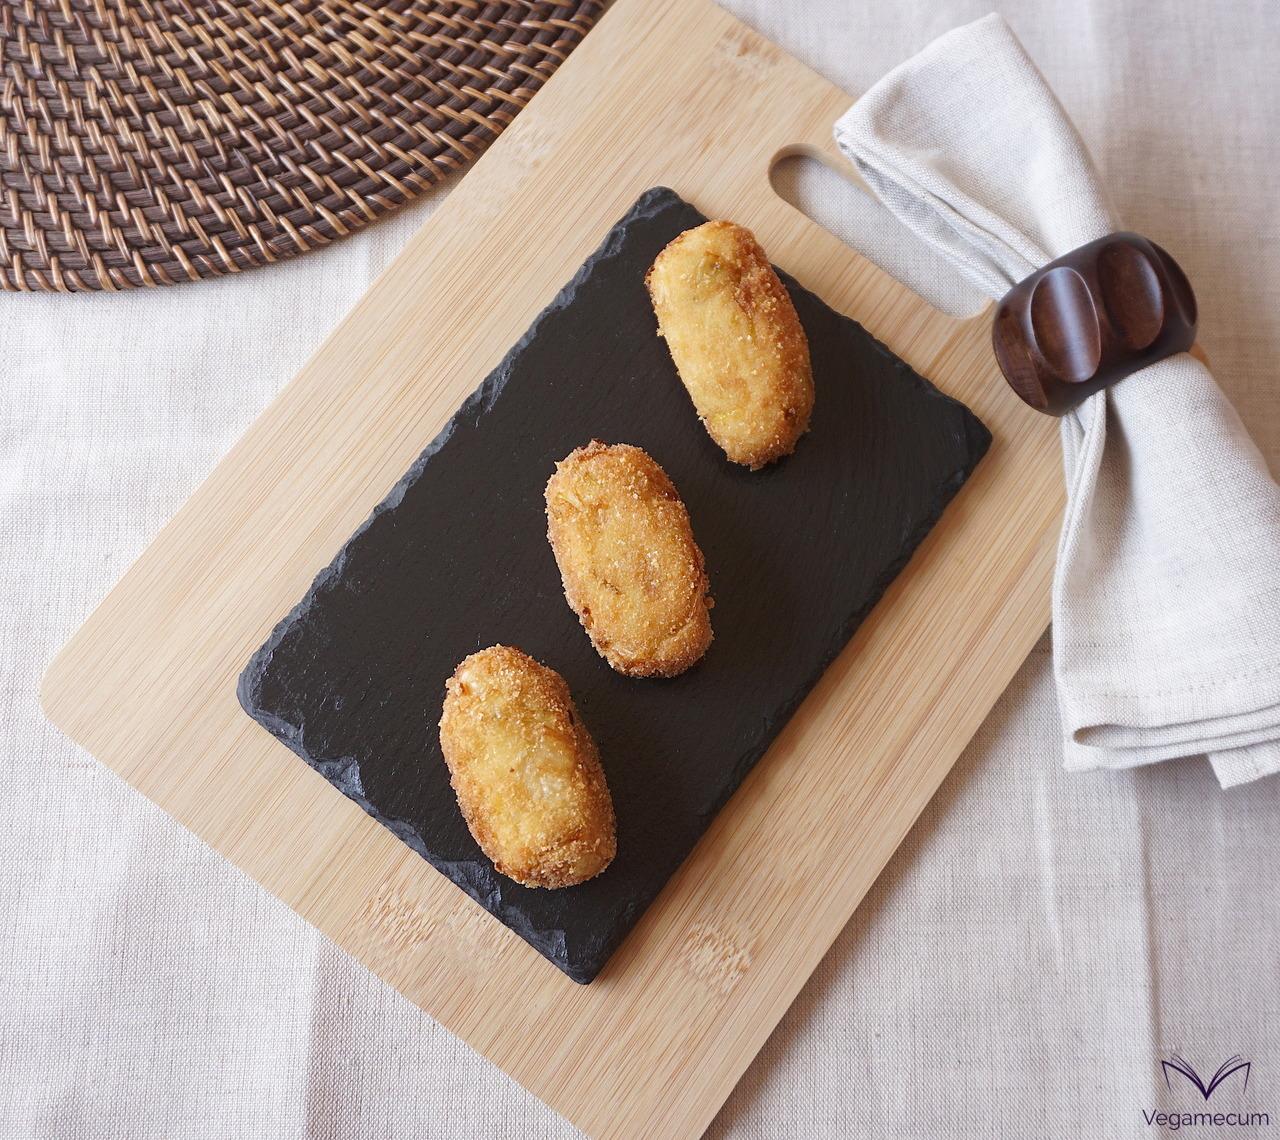 Plano cenital de Croquetas veganas de queso y puerro confitado